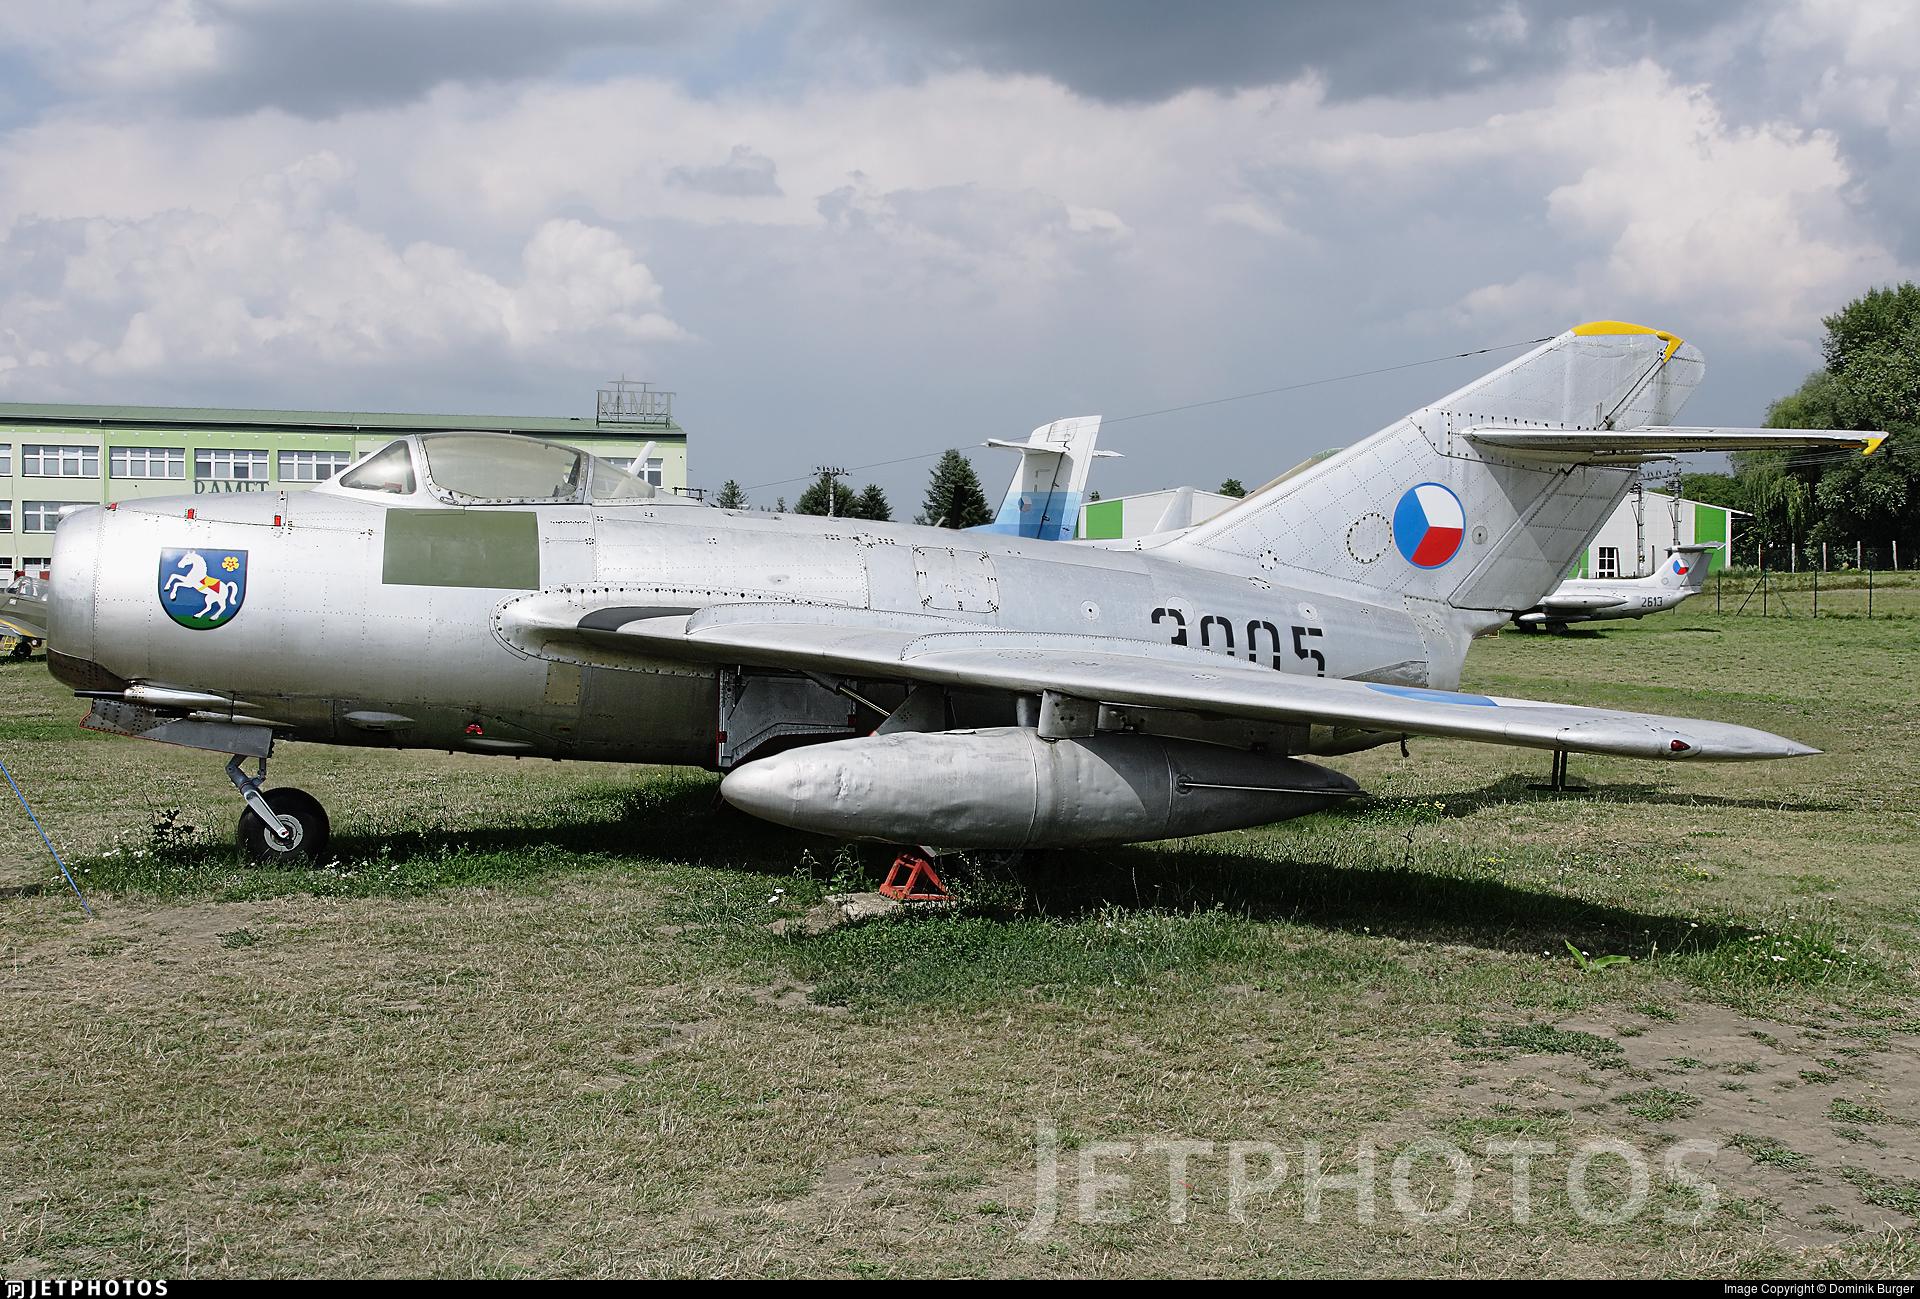 3005 - Mikoyan-Gurevich MiG-15 Fagot - Czech Republic - Air Force